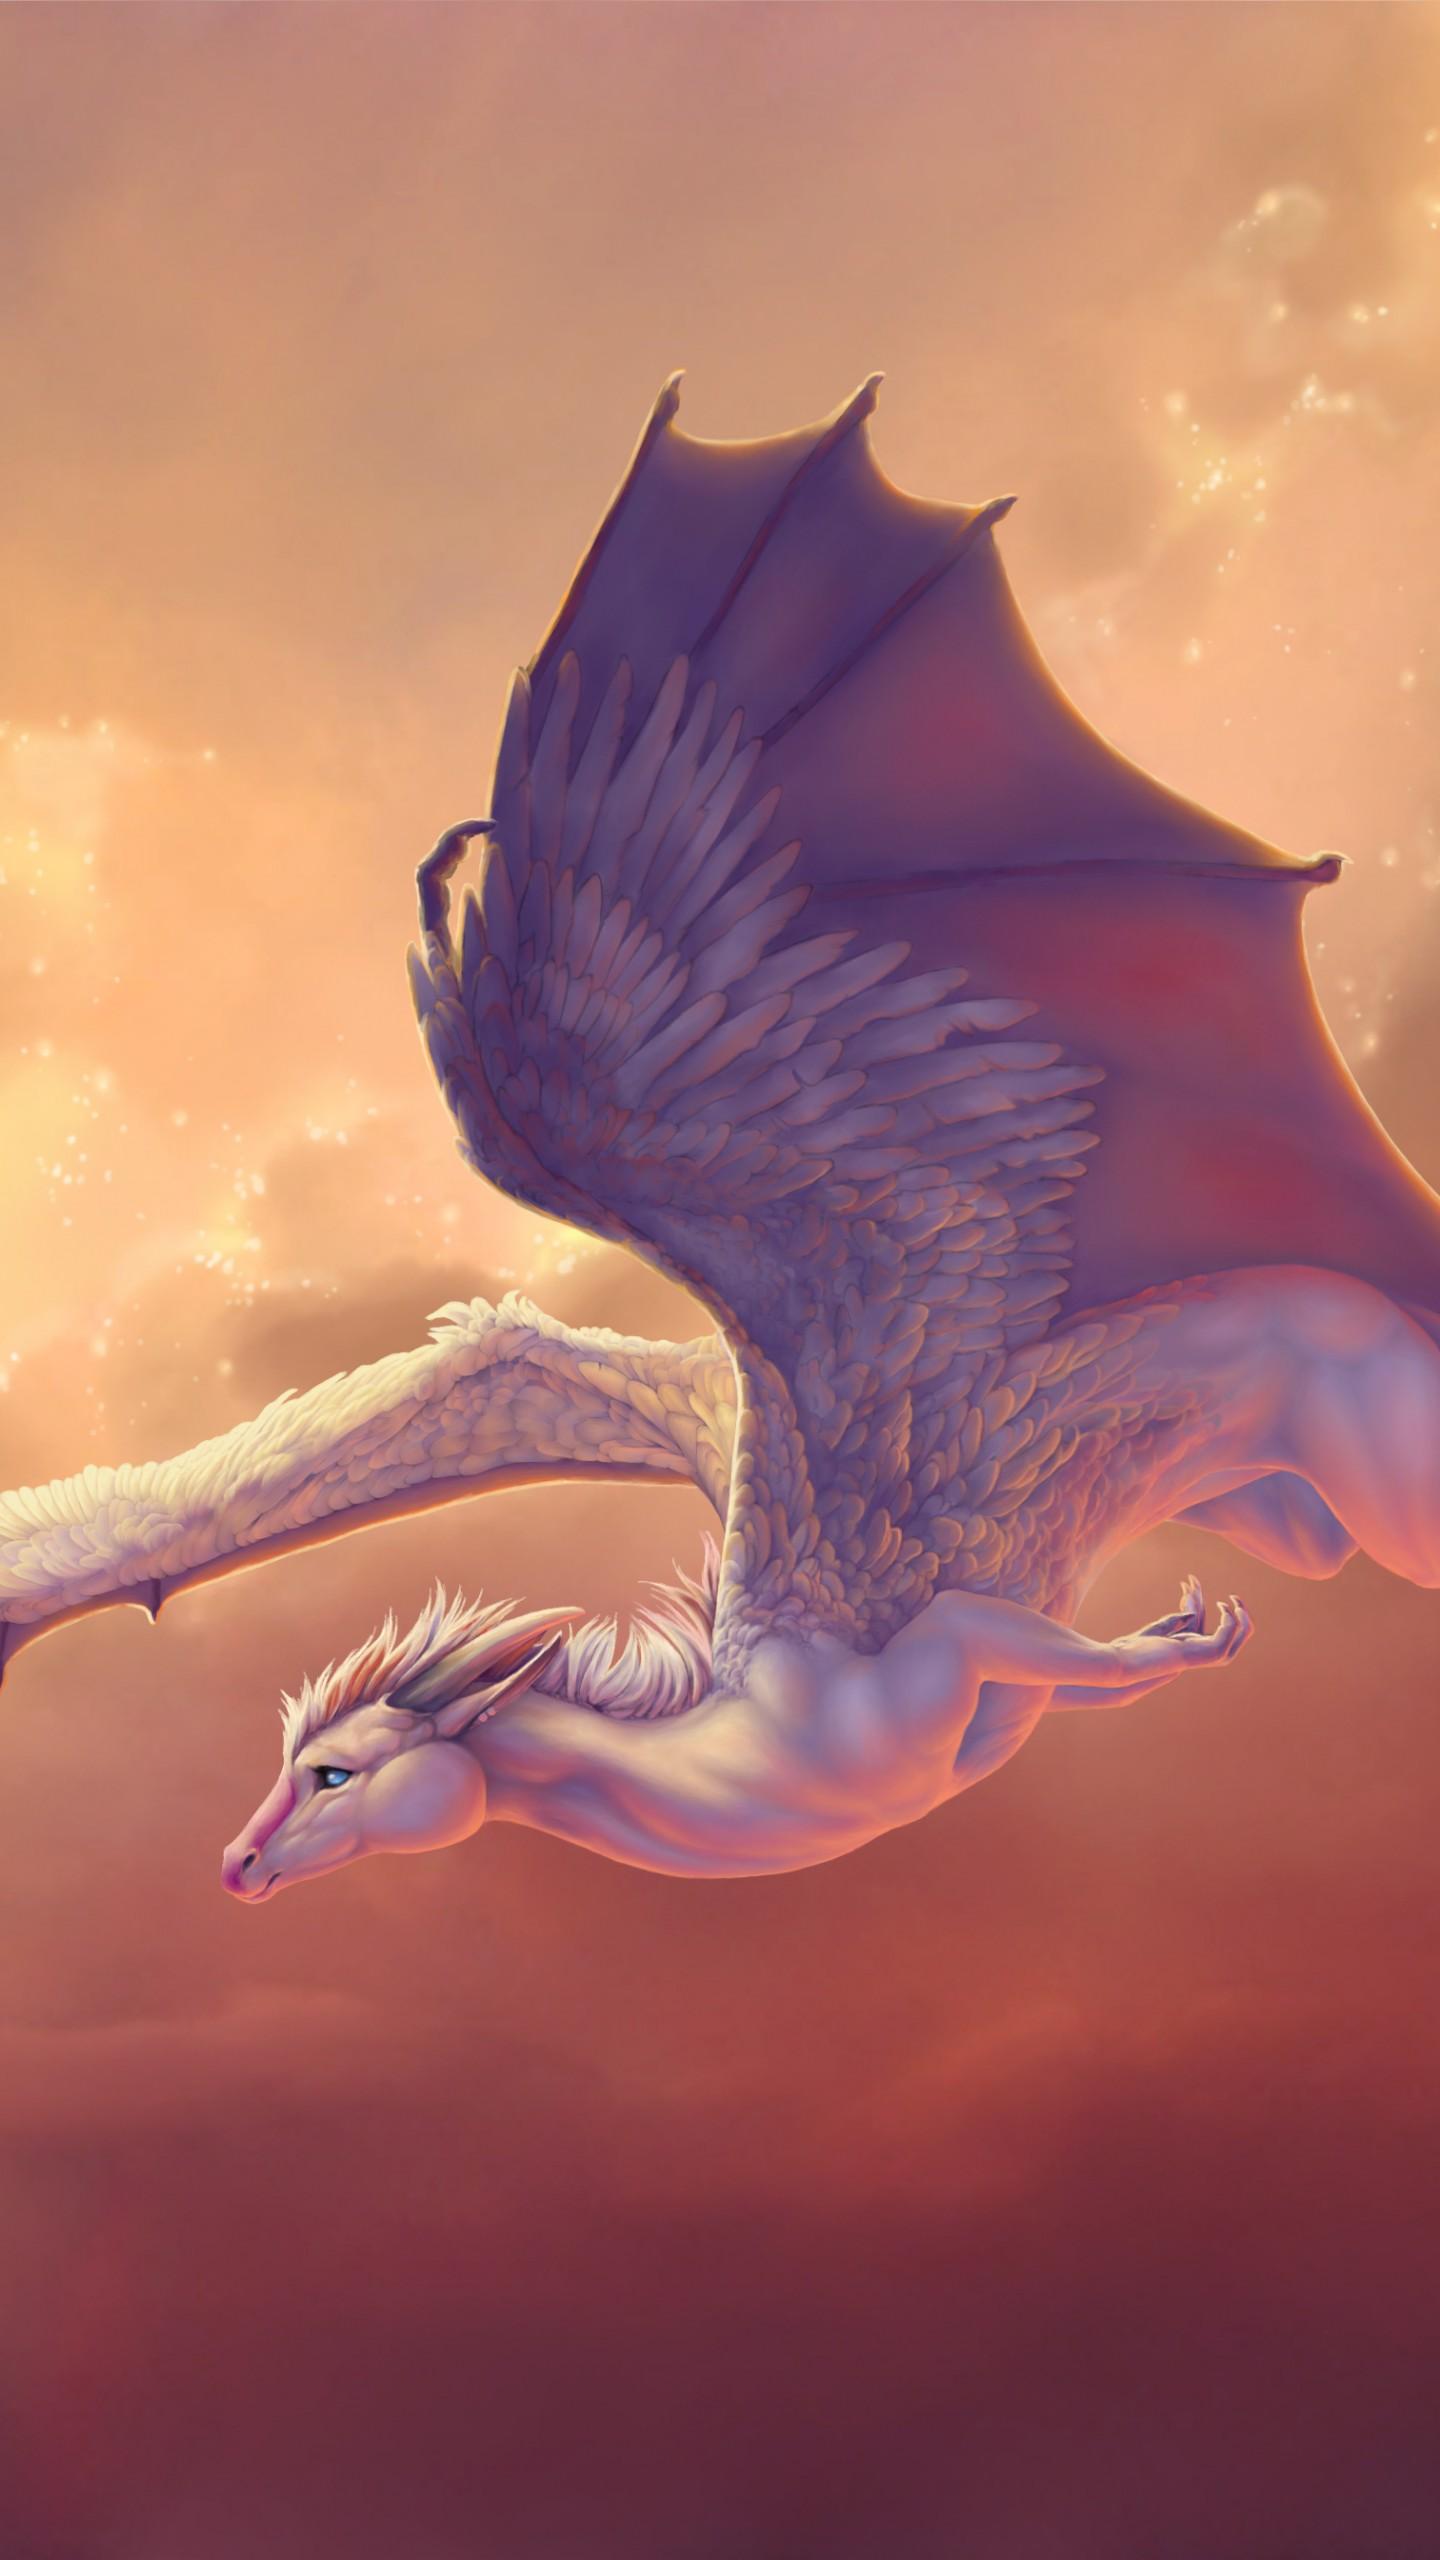 Quotes For Iphone 5 Wallpaper Wallpaper Dragon 4k Hd Wallpaper Wings Sky Pegasus